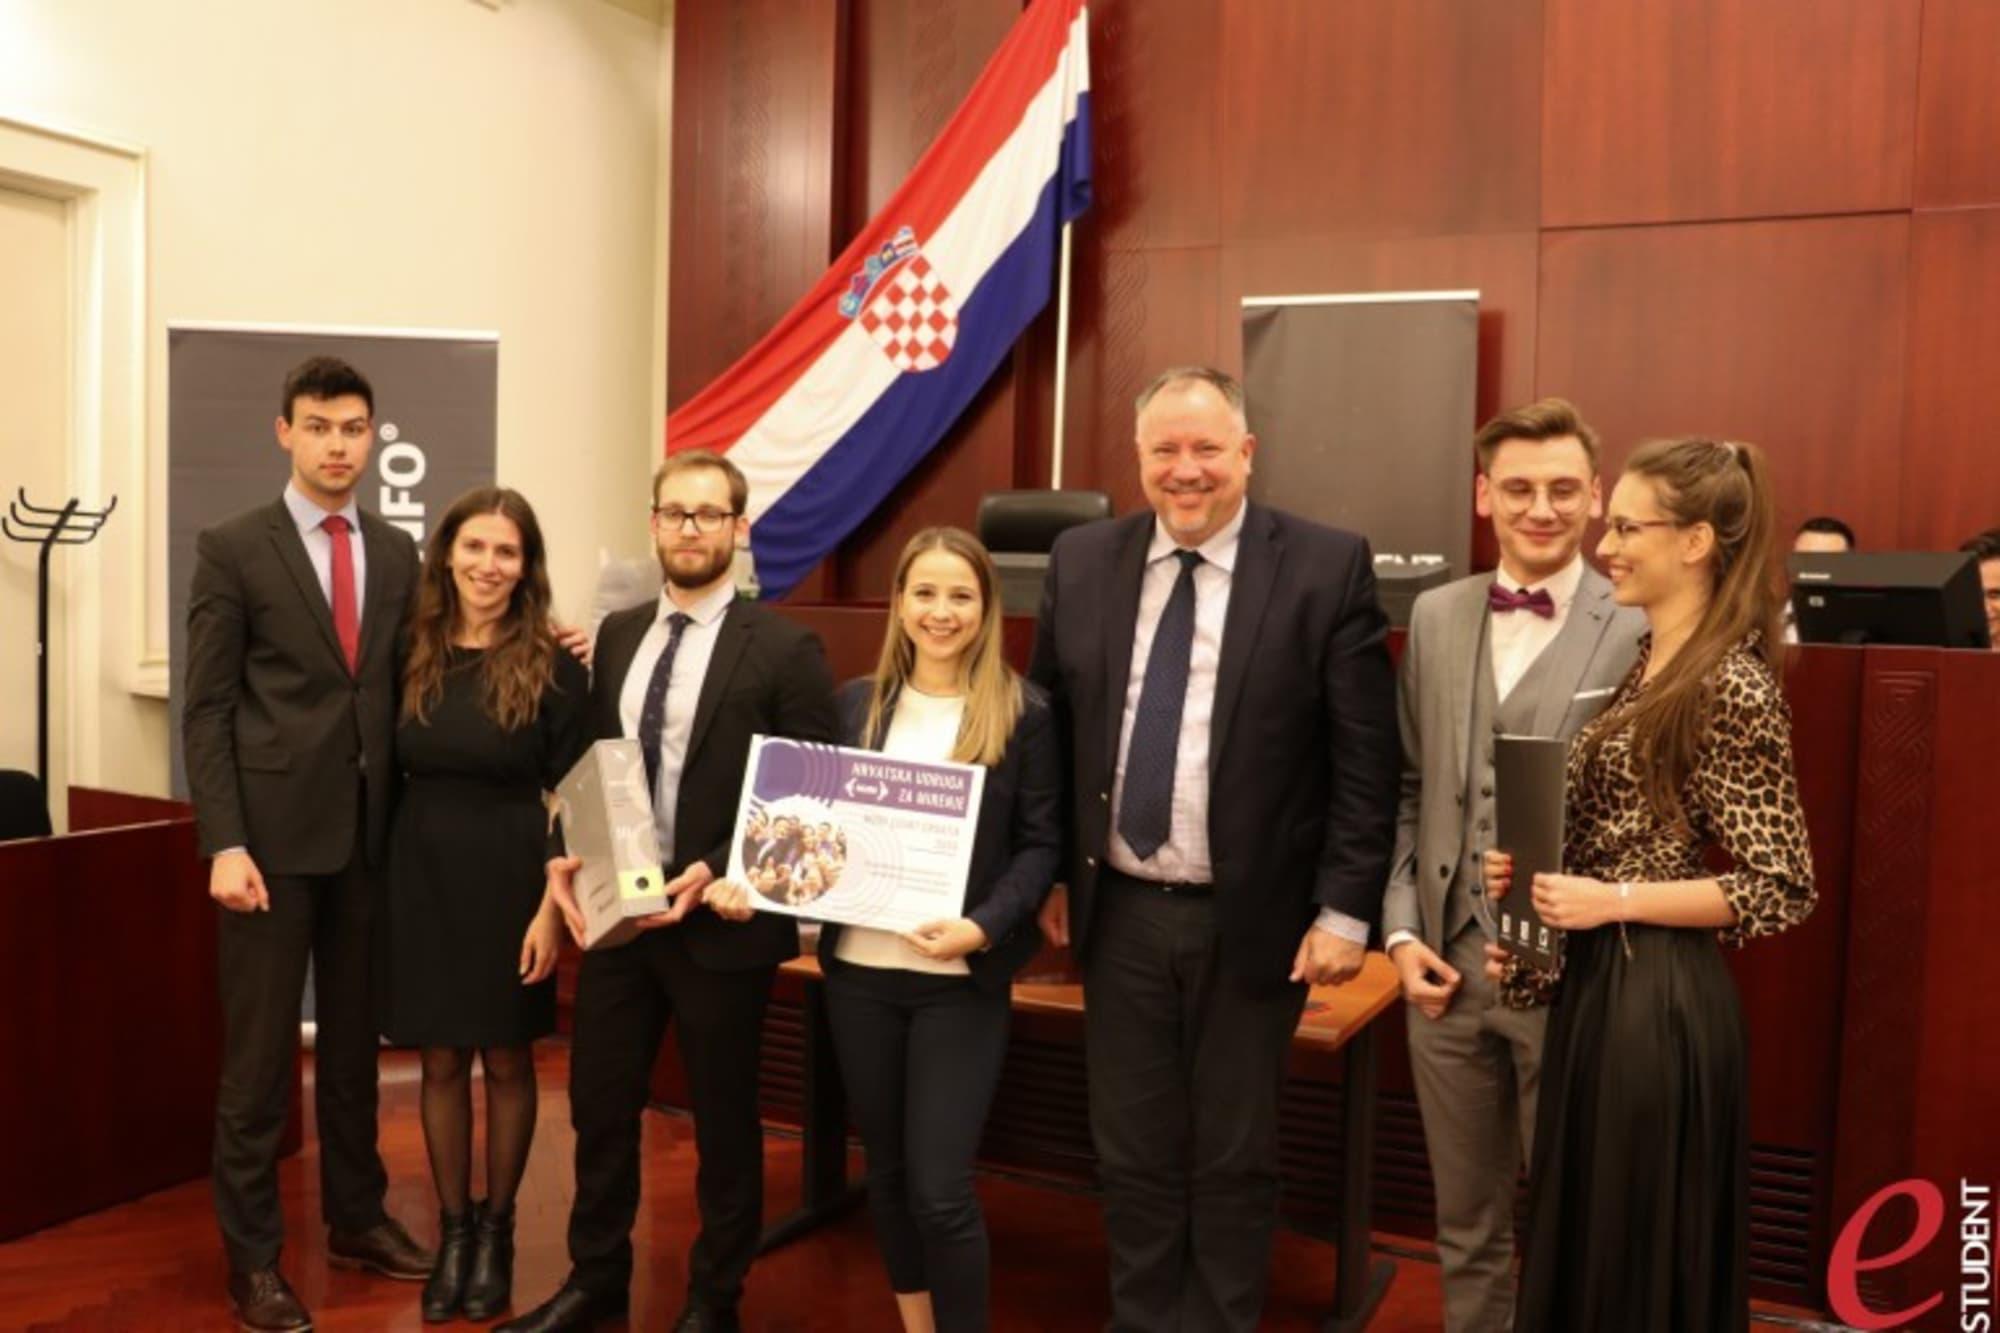 Mladi pravnici na završnici natjecanja Moot Court Croatia i ove godine pokazali izvrsno znanje i govorničke vještine